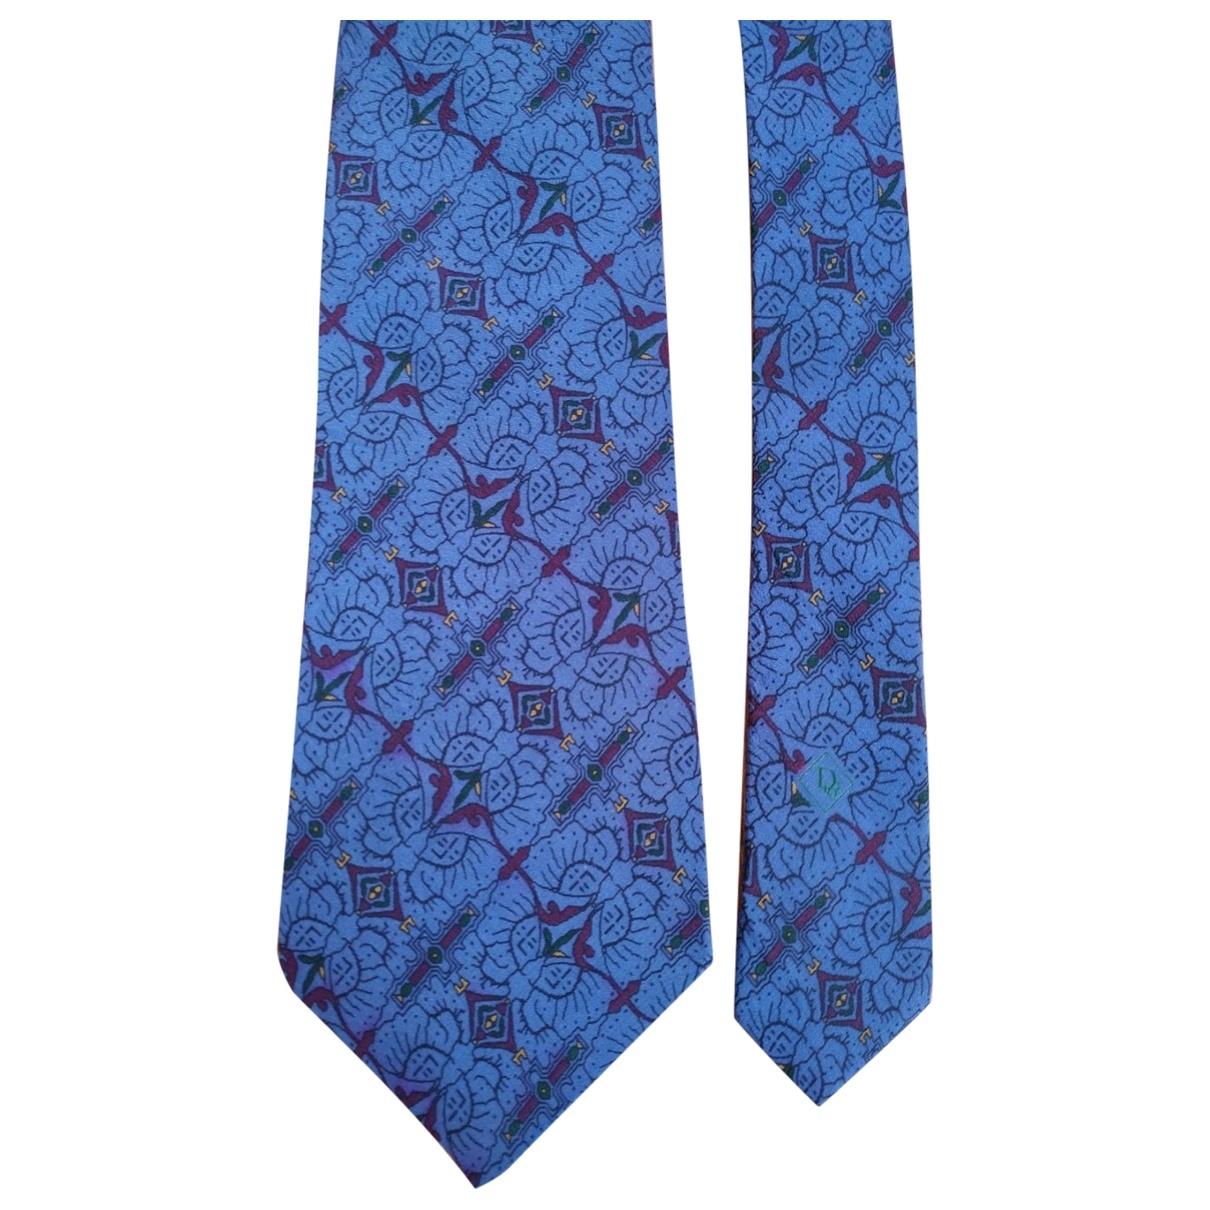 Christian Dior - Cravates   pour homme en soie - bleu